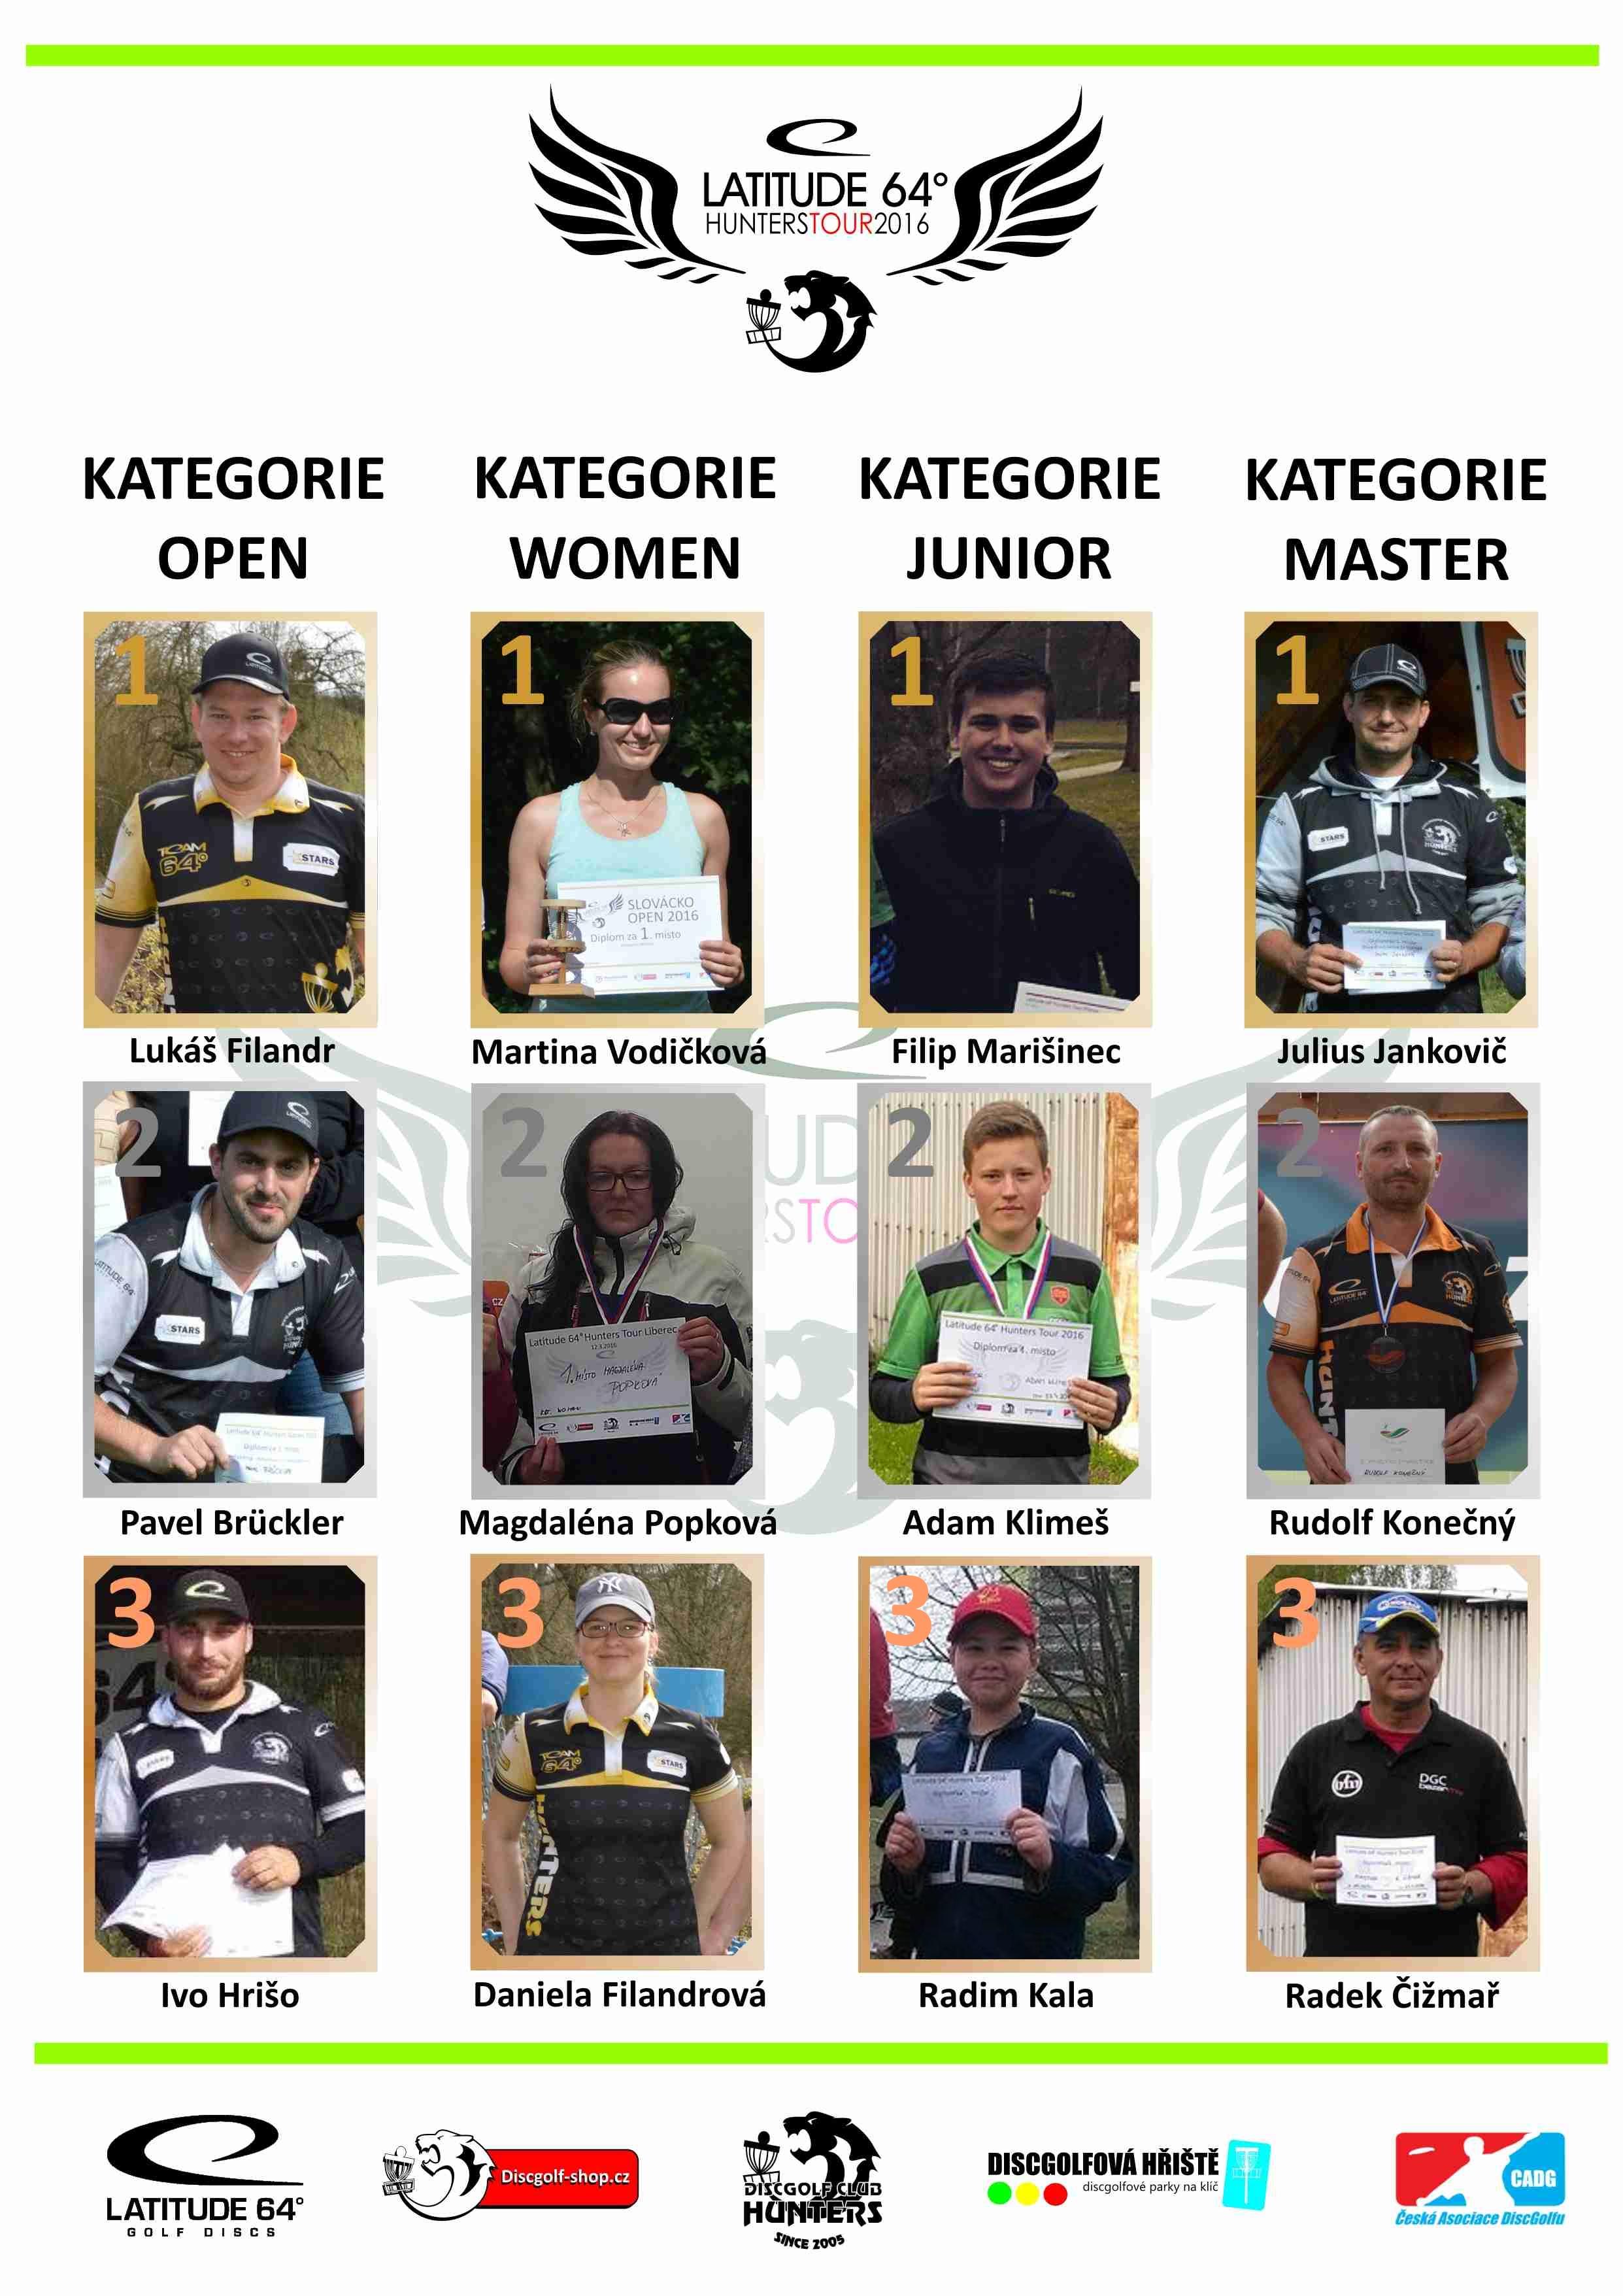 Celkové výsledky Latitude 64º Hunters Tour 2016